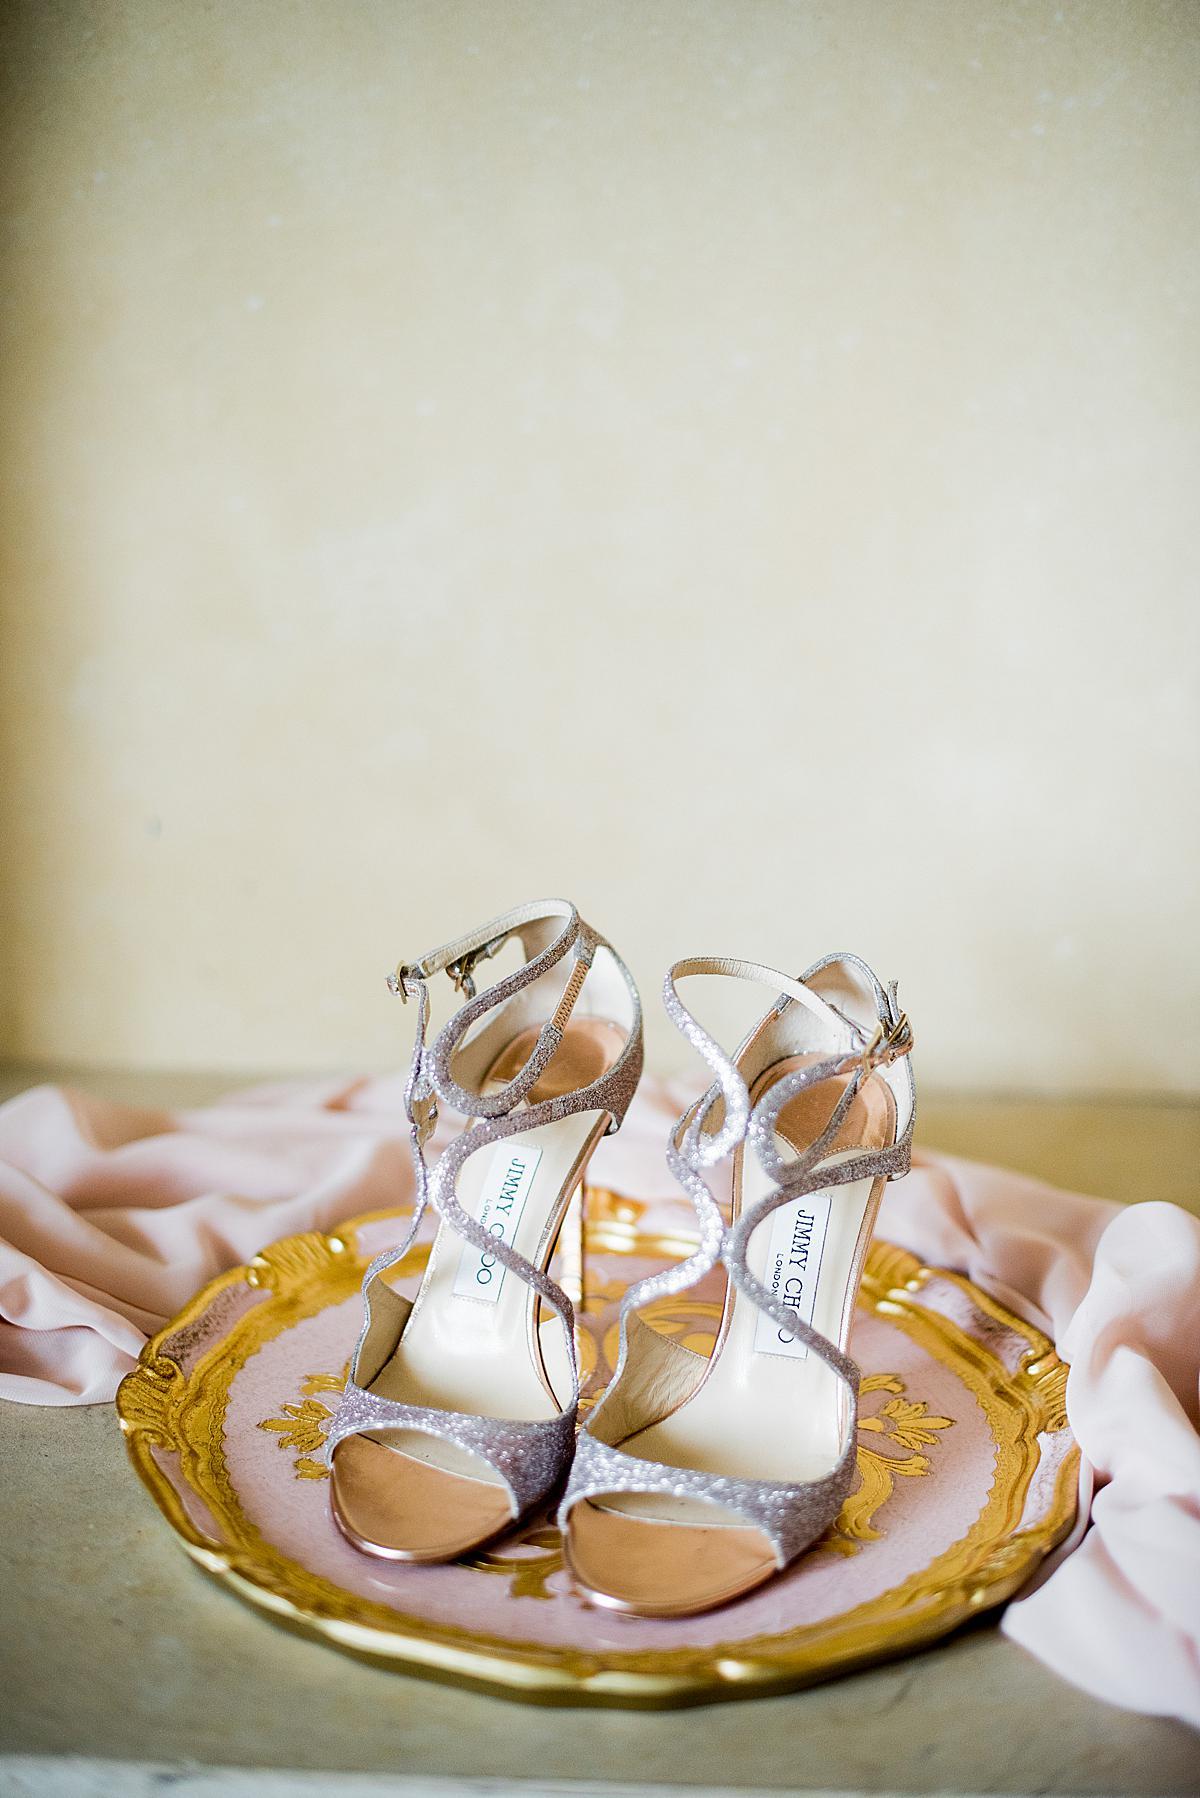 wedding details at Hyatt Regency Thessaloniki